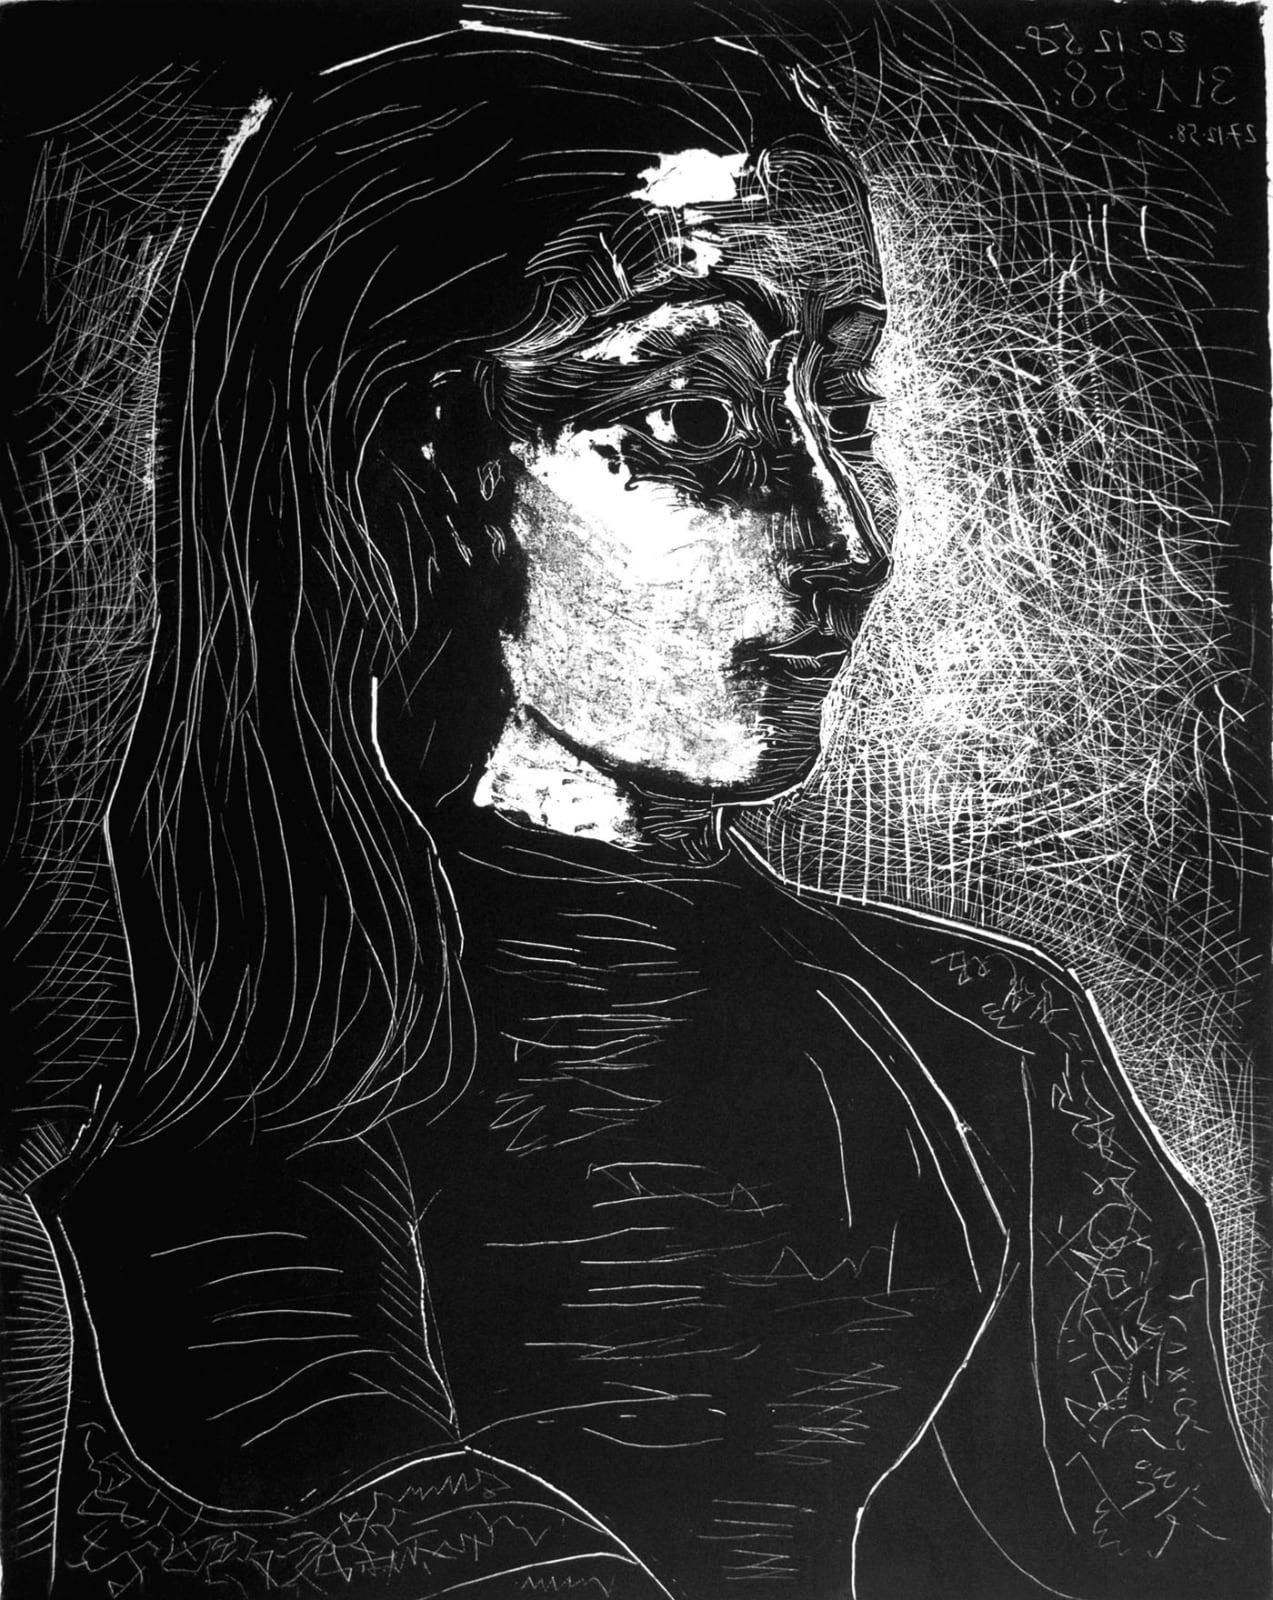 Pablo Picasso, Jacqueline de profil à droite, 1958